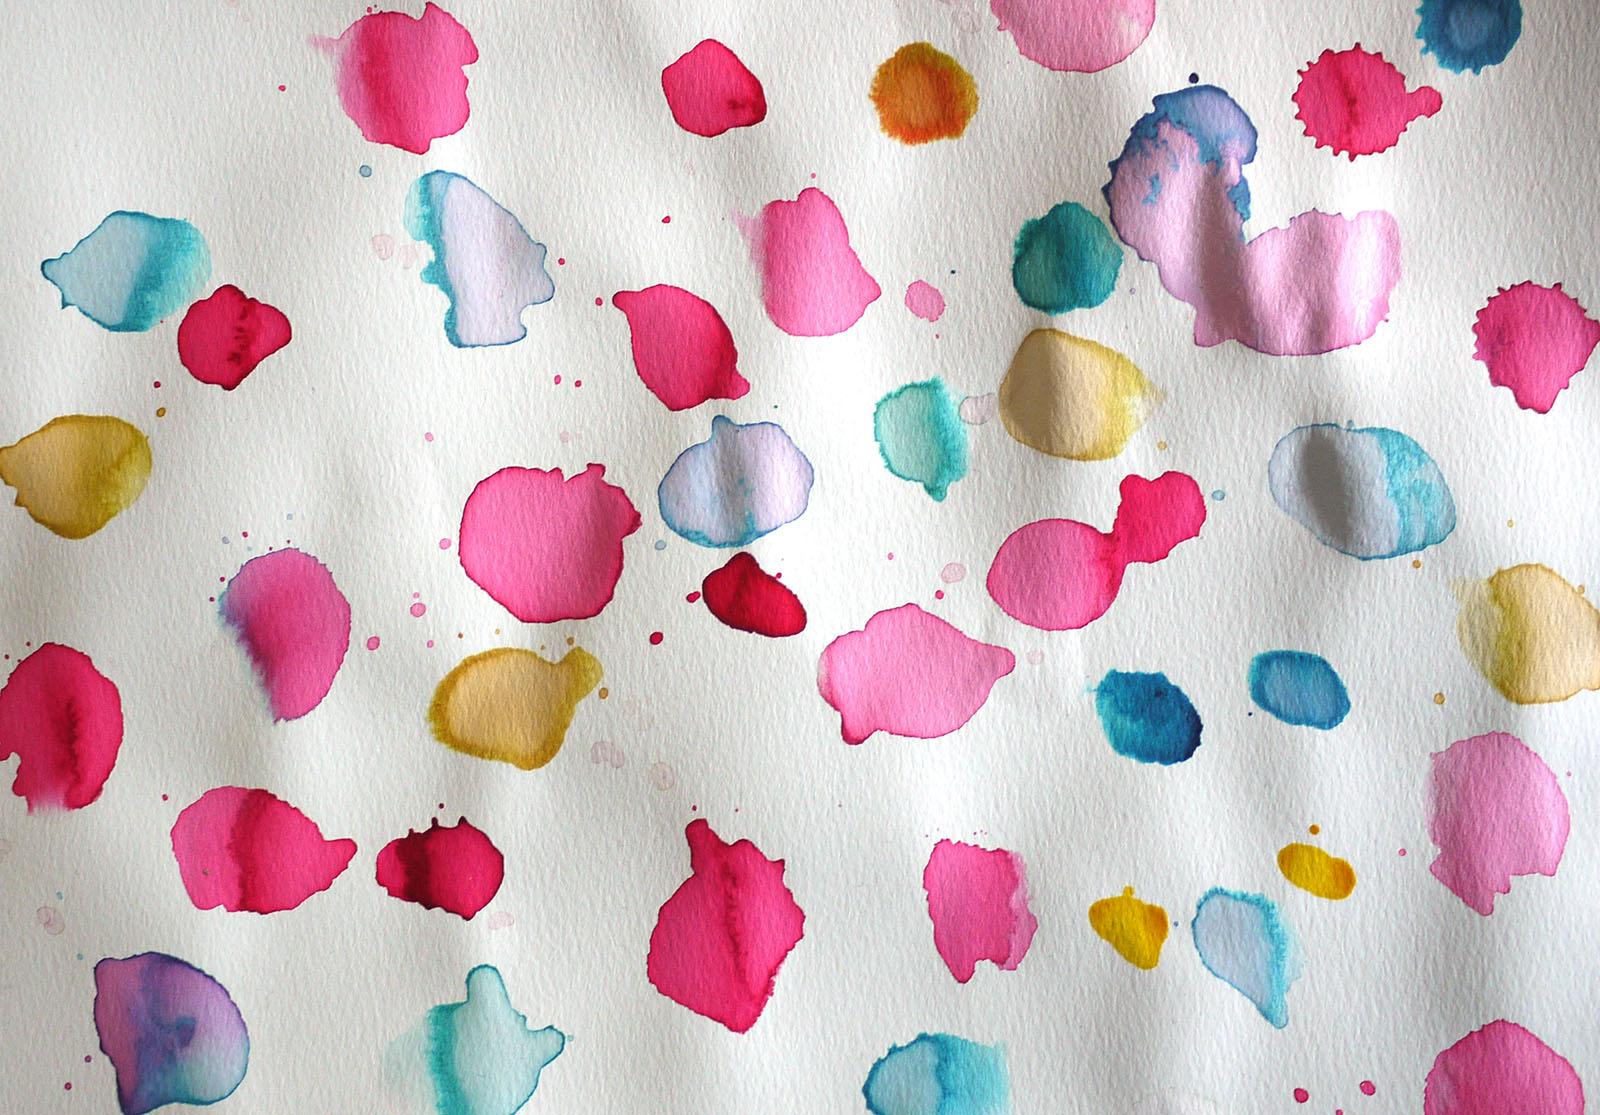 Activité Manuelle Les Fleurs à La Peinture Family Sphere Garde